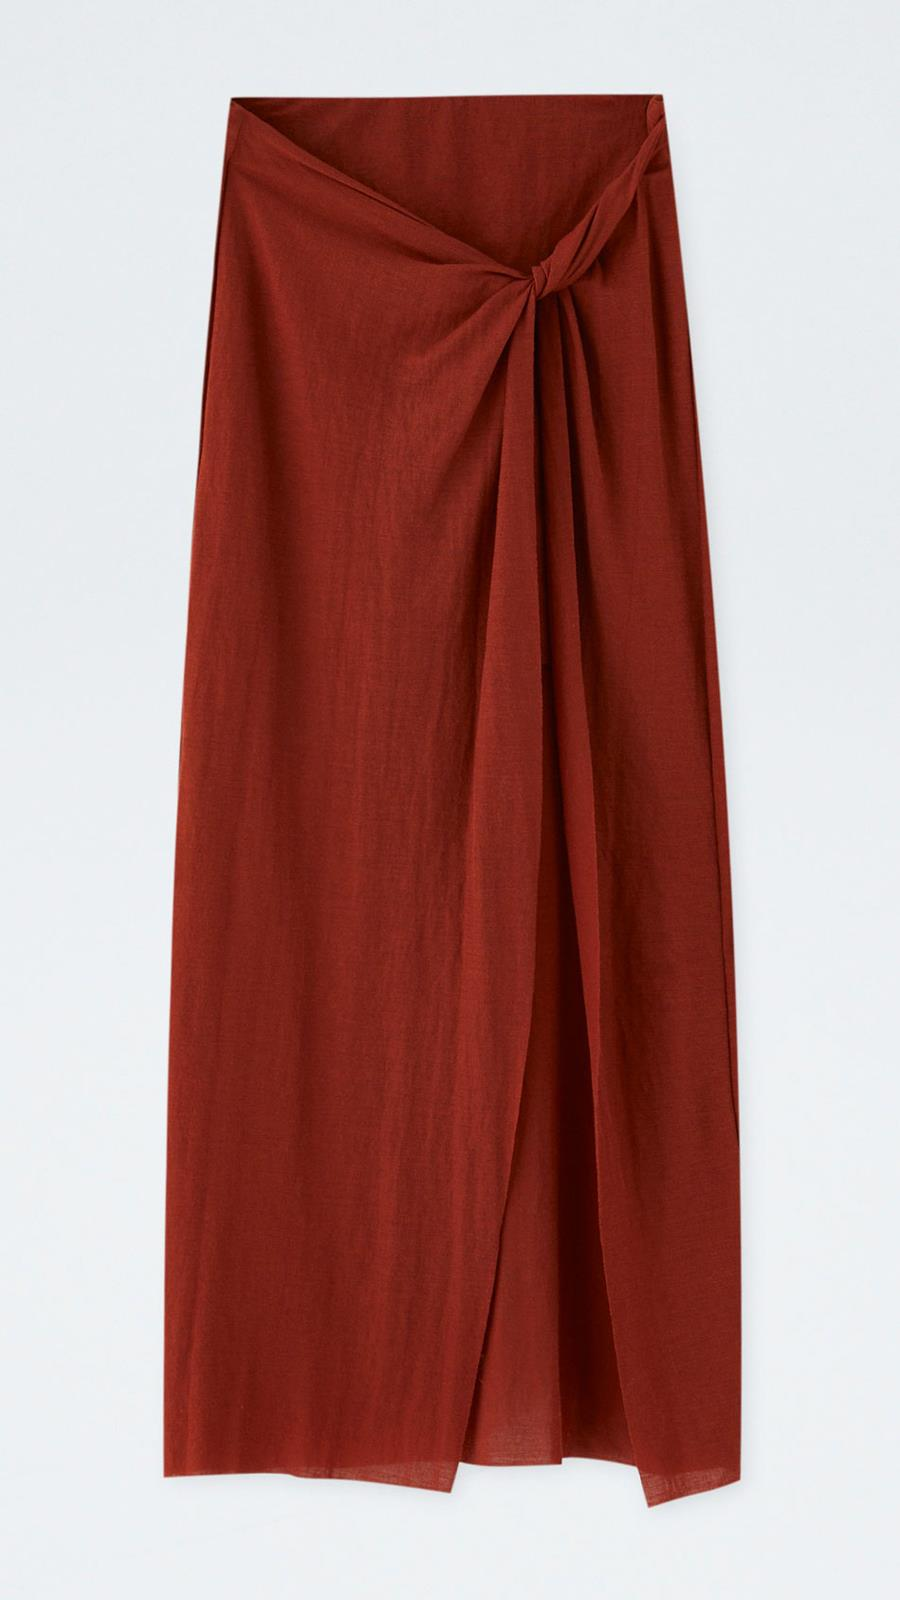 Falda midi con nudo de Pull   Bear Con abertura lateral (19 dbbedb99c7f9